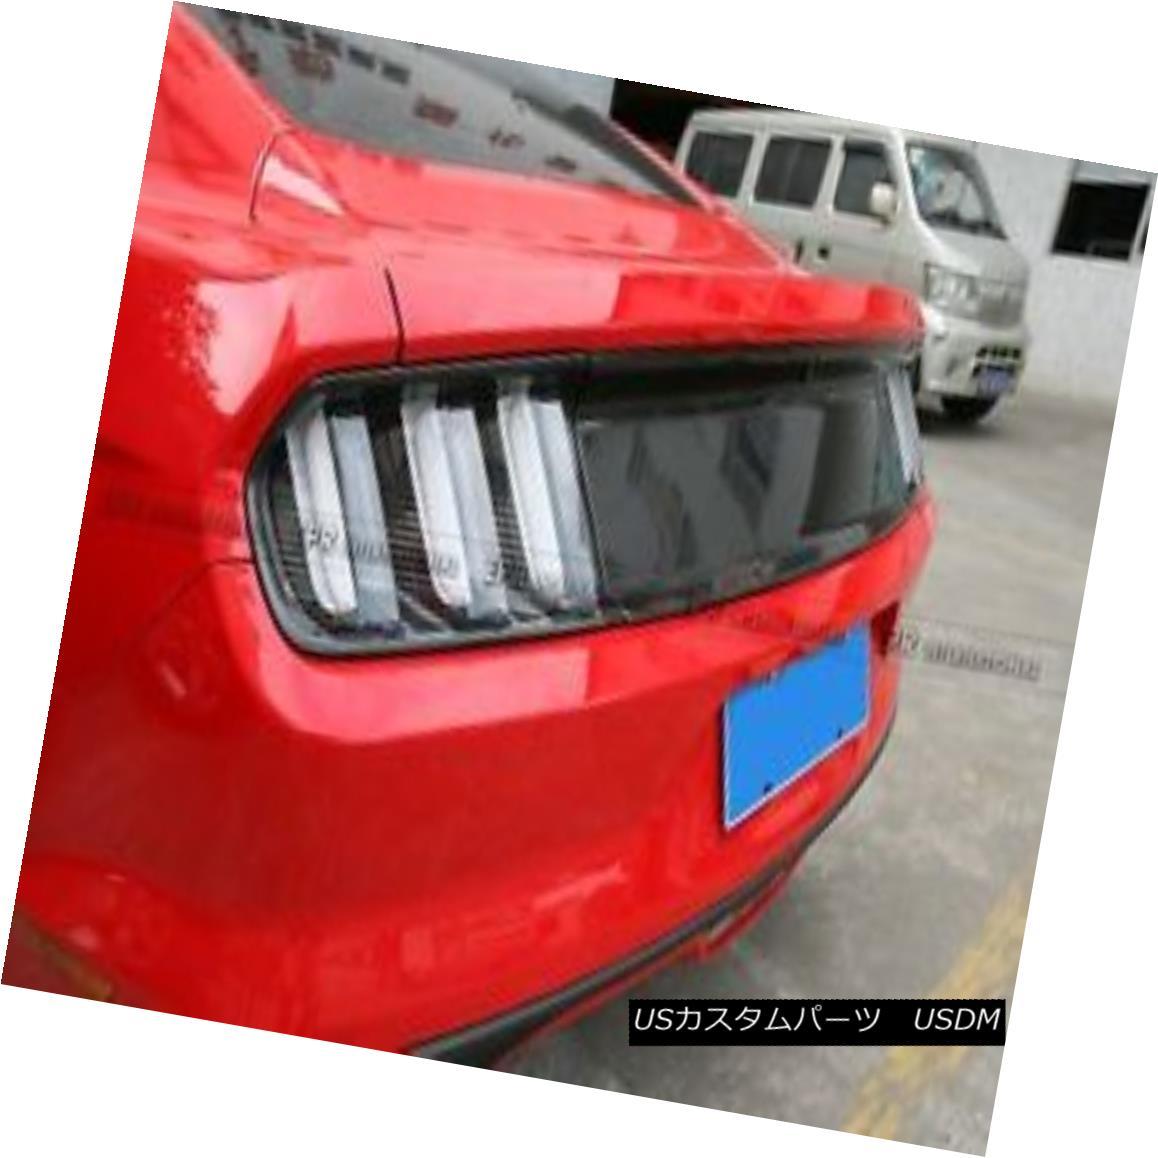 エアロパーツ Carbon Fiber Rear Boot Trim Mouldings Trim Trunk Cover For Ford 2015 Mustang フォード2015マスタングのためのカーボンファイバーリアブーツトリムモールディングトリムトランクカバー